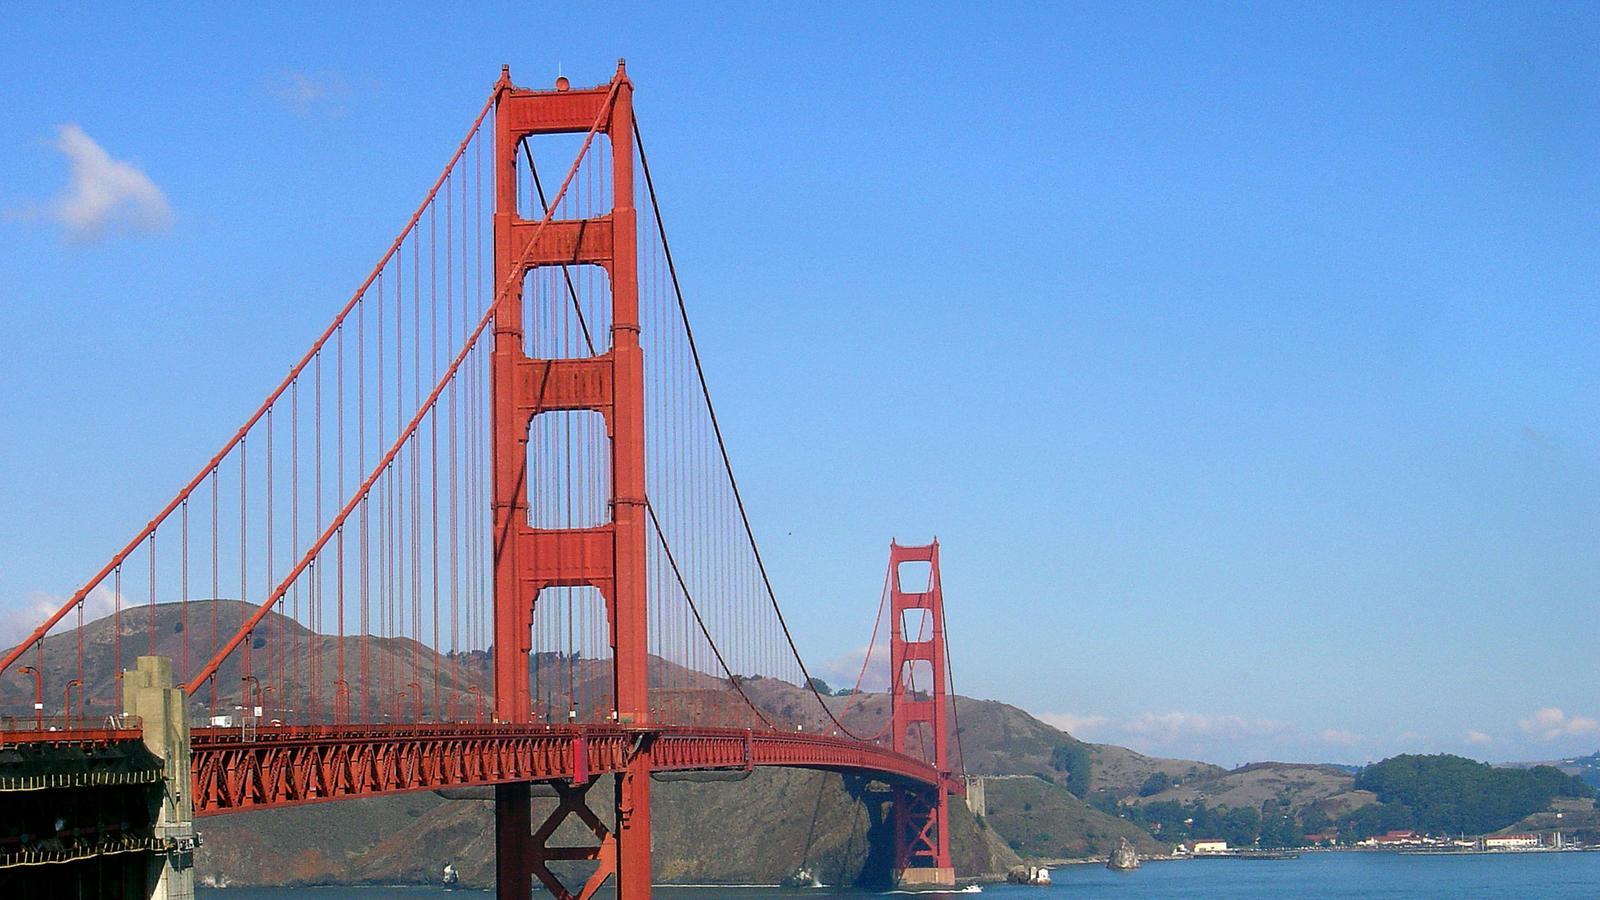 Golden Gate Bridge Usa Westküste Campingreise für junge Leute in der Gruppe traveljunkies